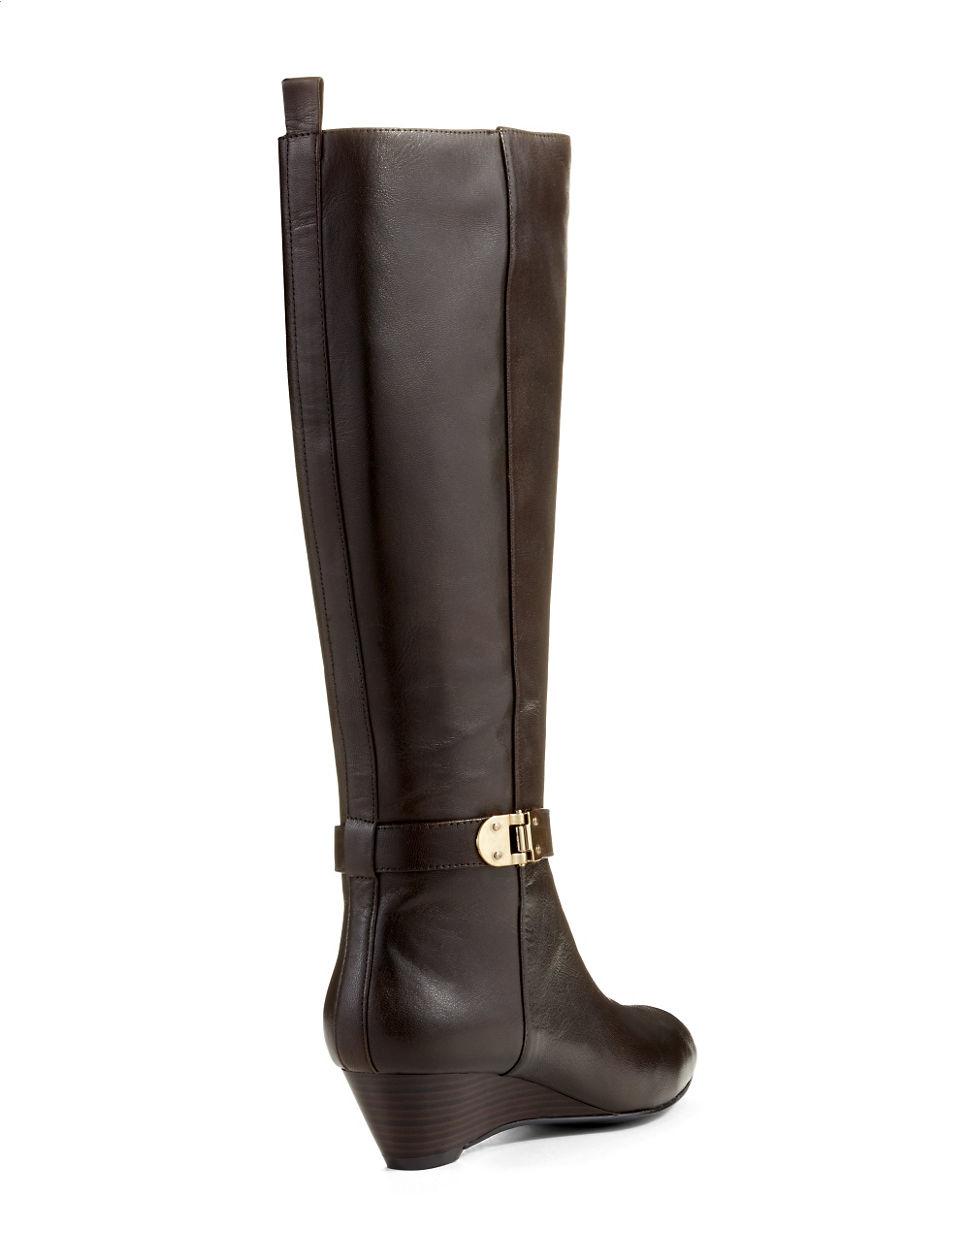 bandolino adanna wide calf metallic accented boots in